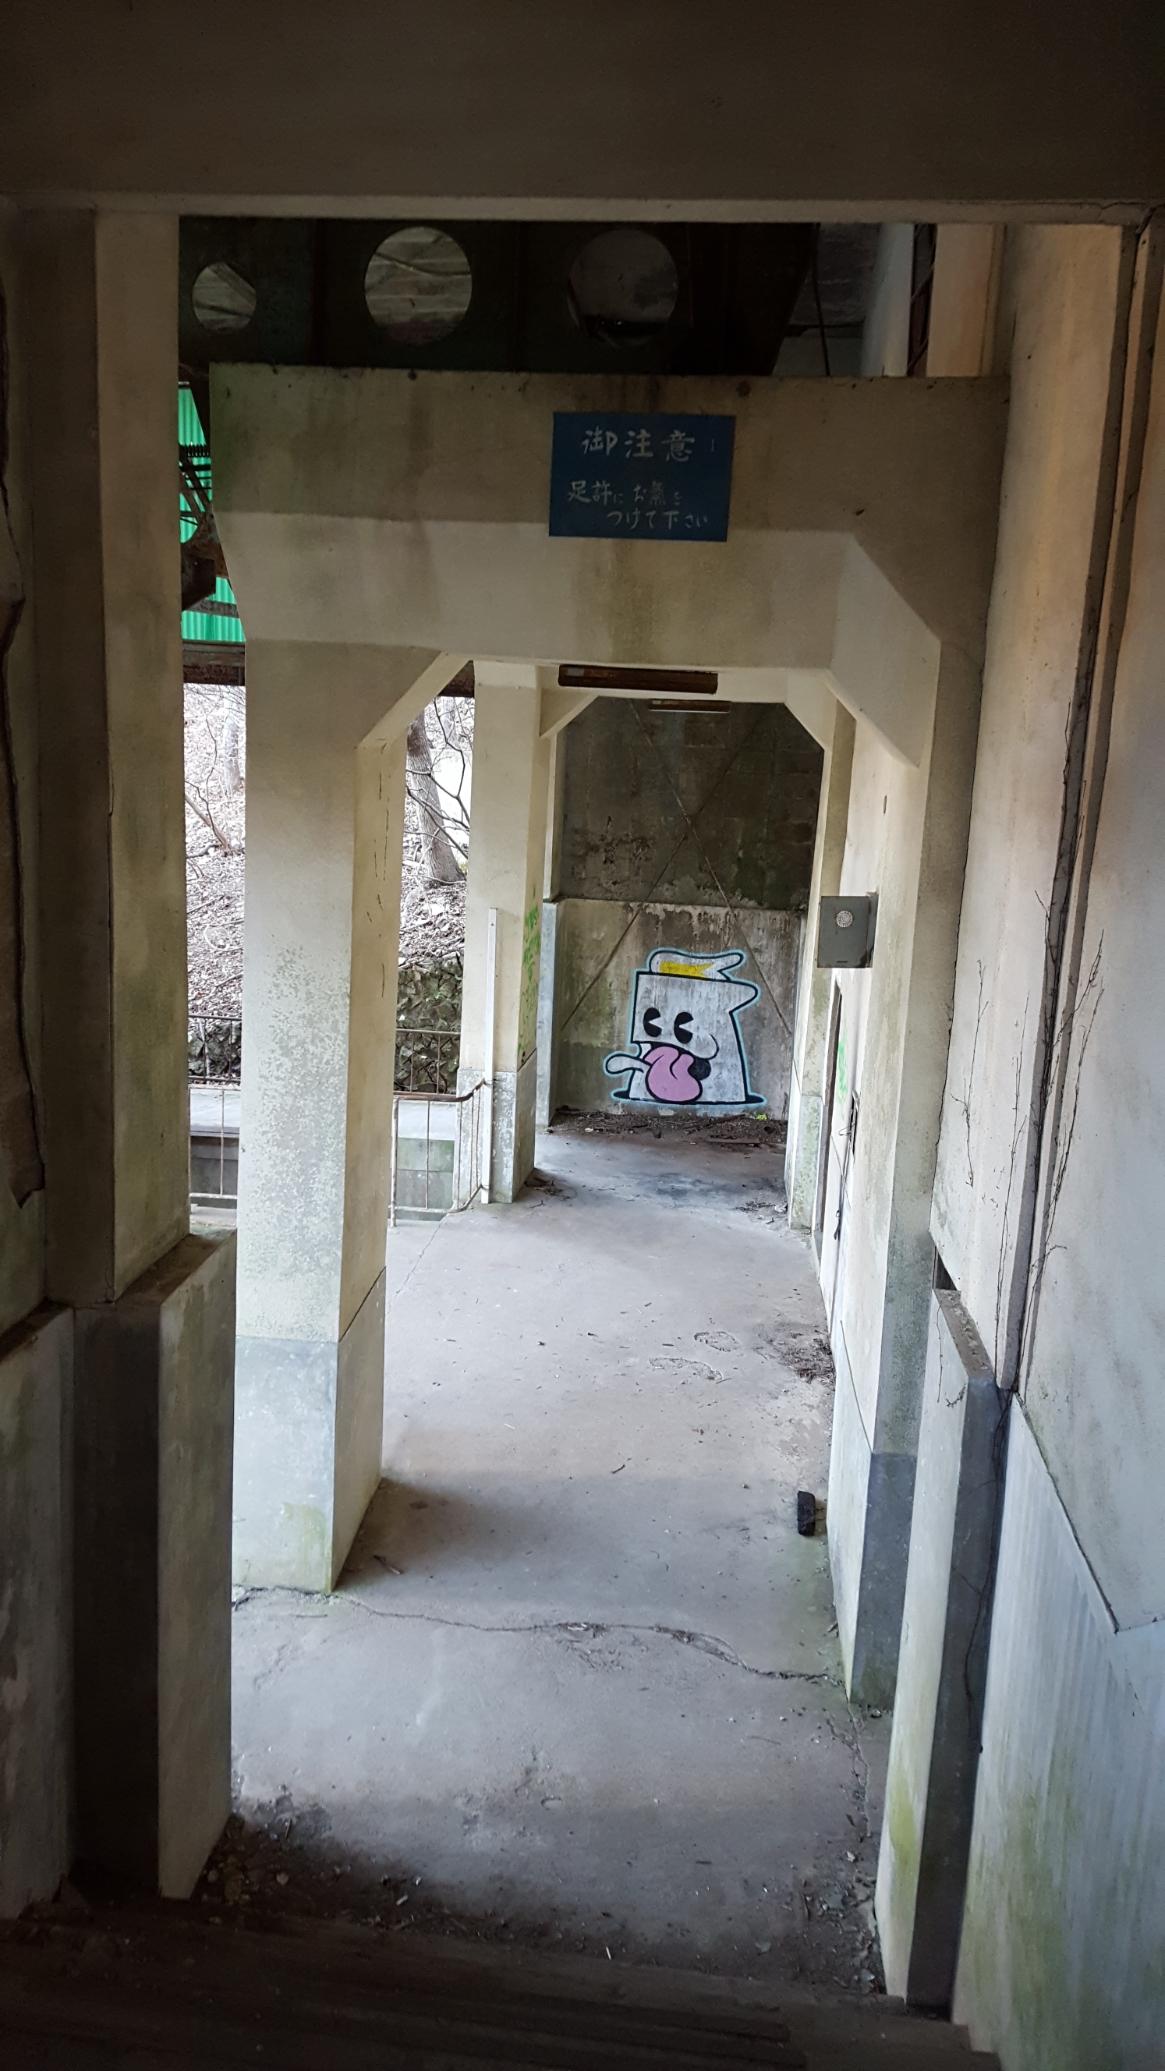 不安を感じつつノスタルジーをほんのりと残す廃墟内の階段を進みます。